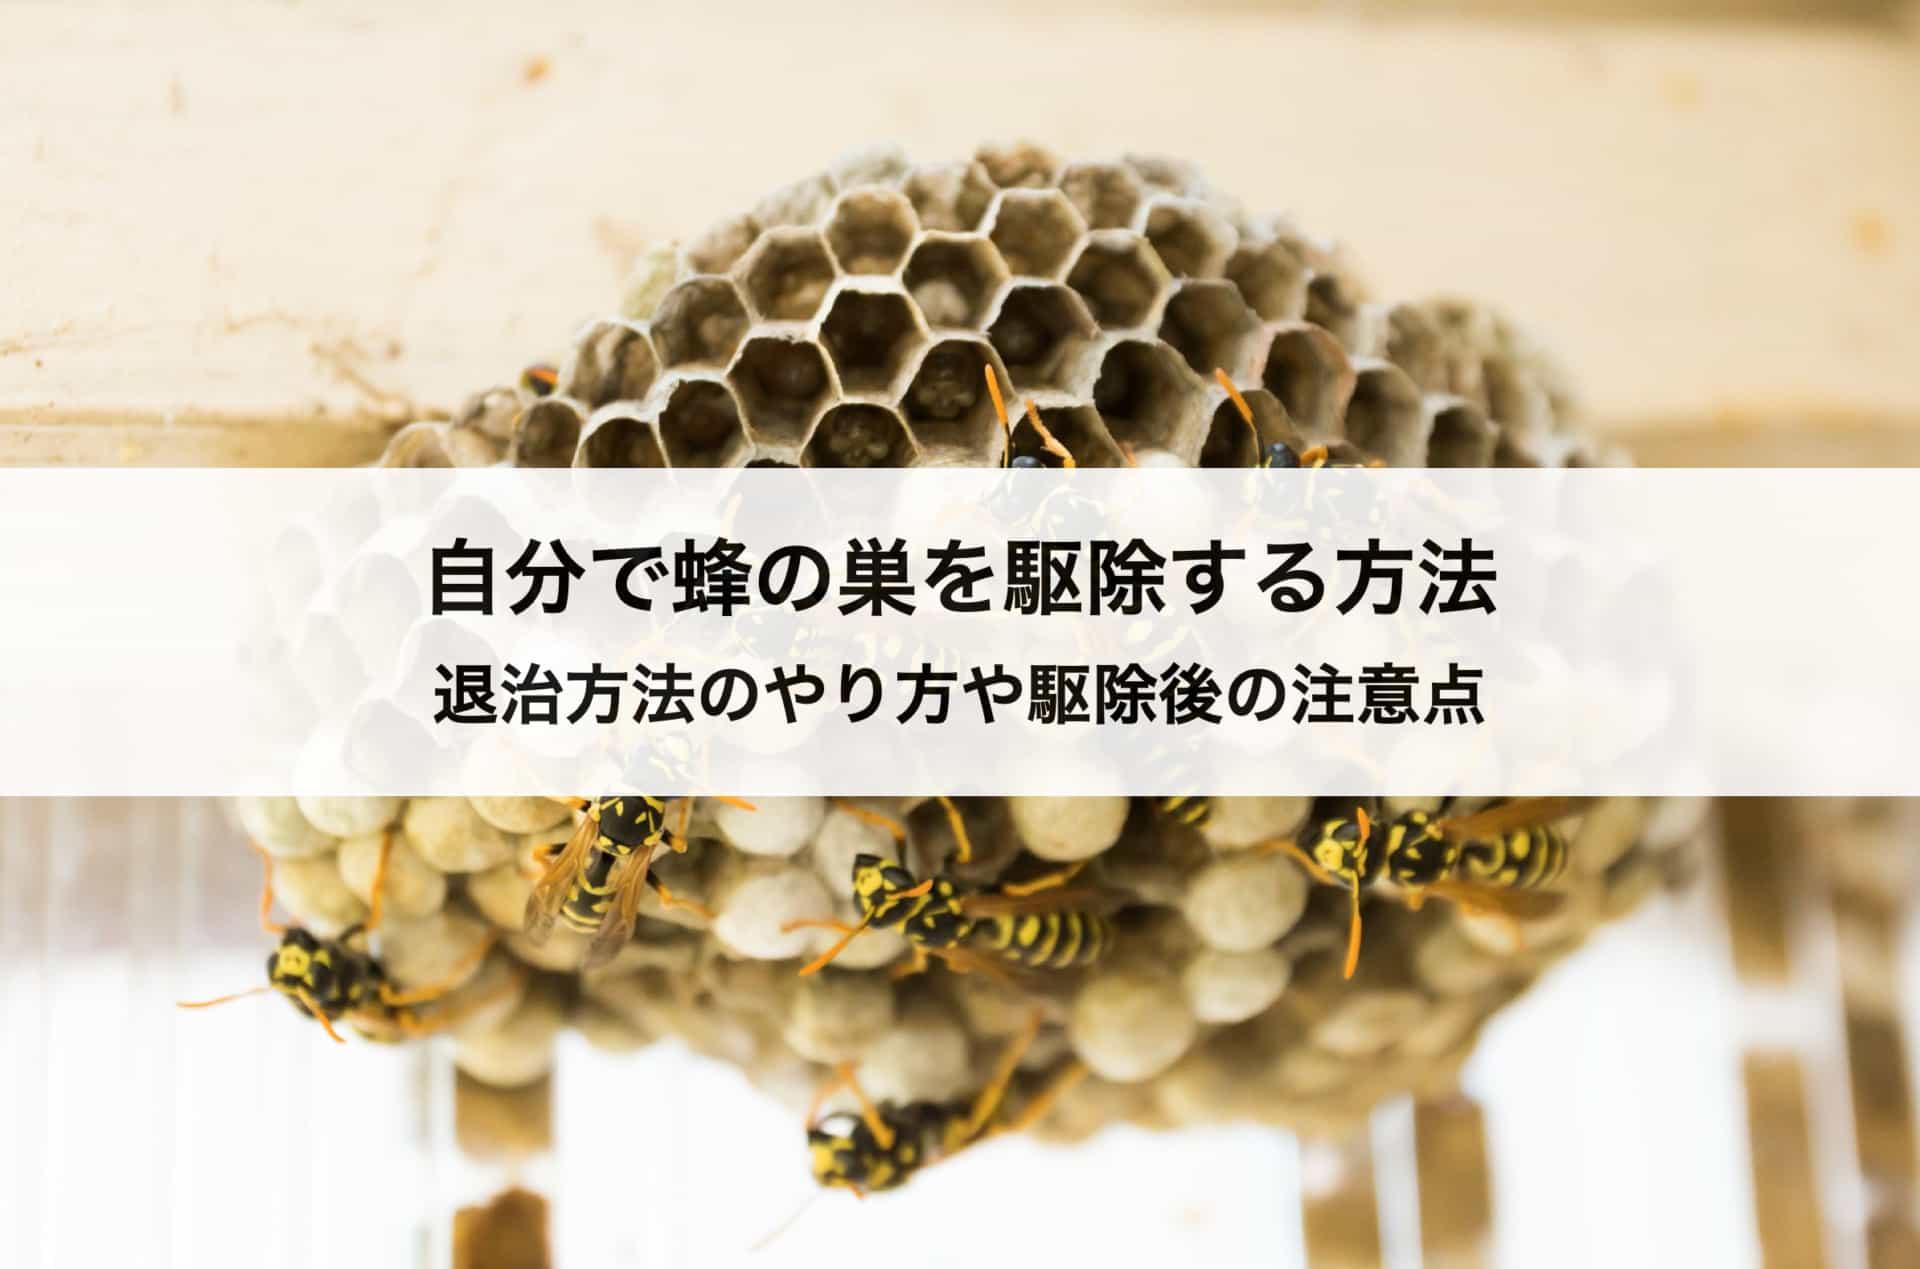 自分で蜂の巣を駆除する方法|退治方法のやり方や駆除後の注意点も解説します!